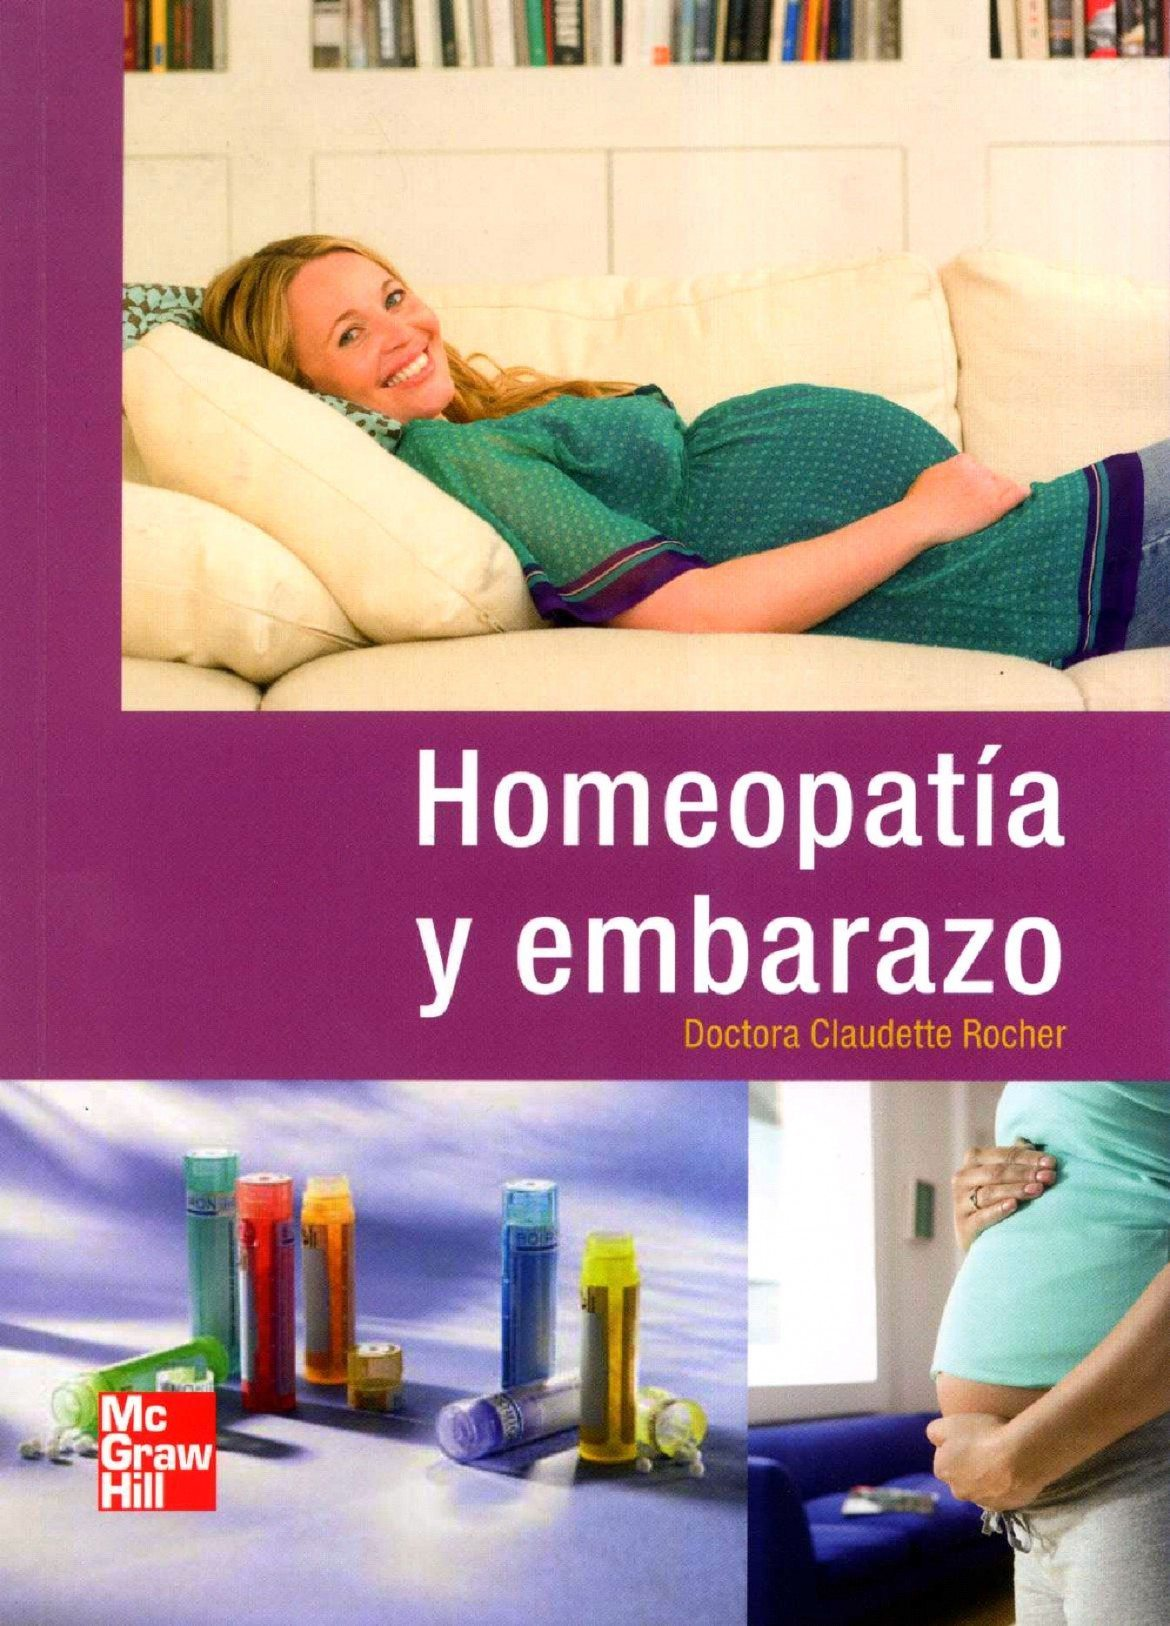 Afecciones en el embarazo: la homeopatía te ayuda